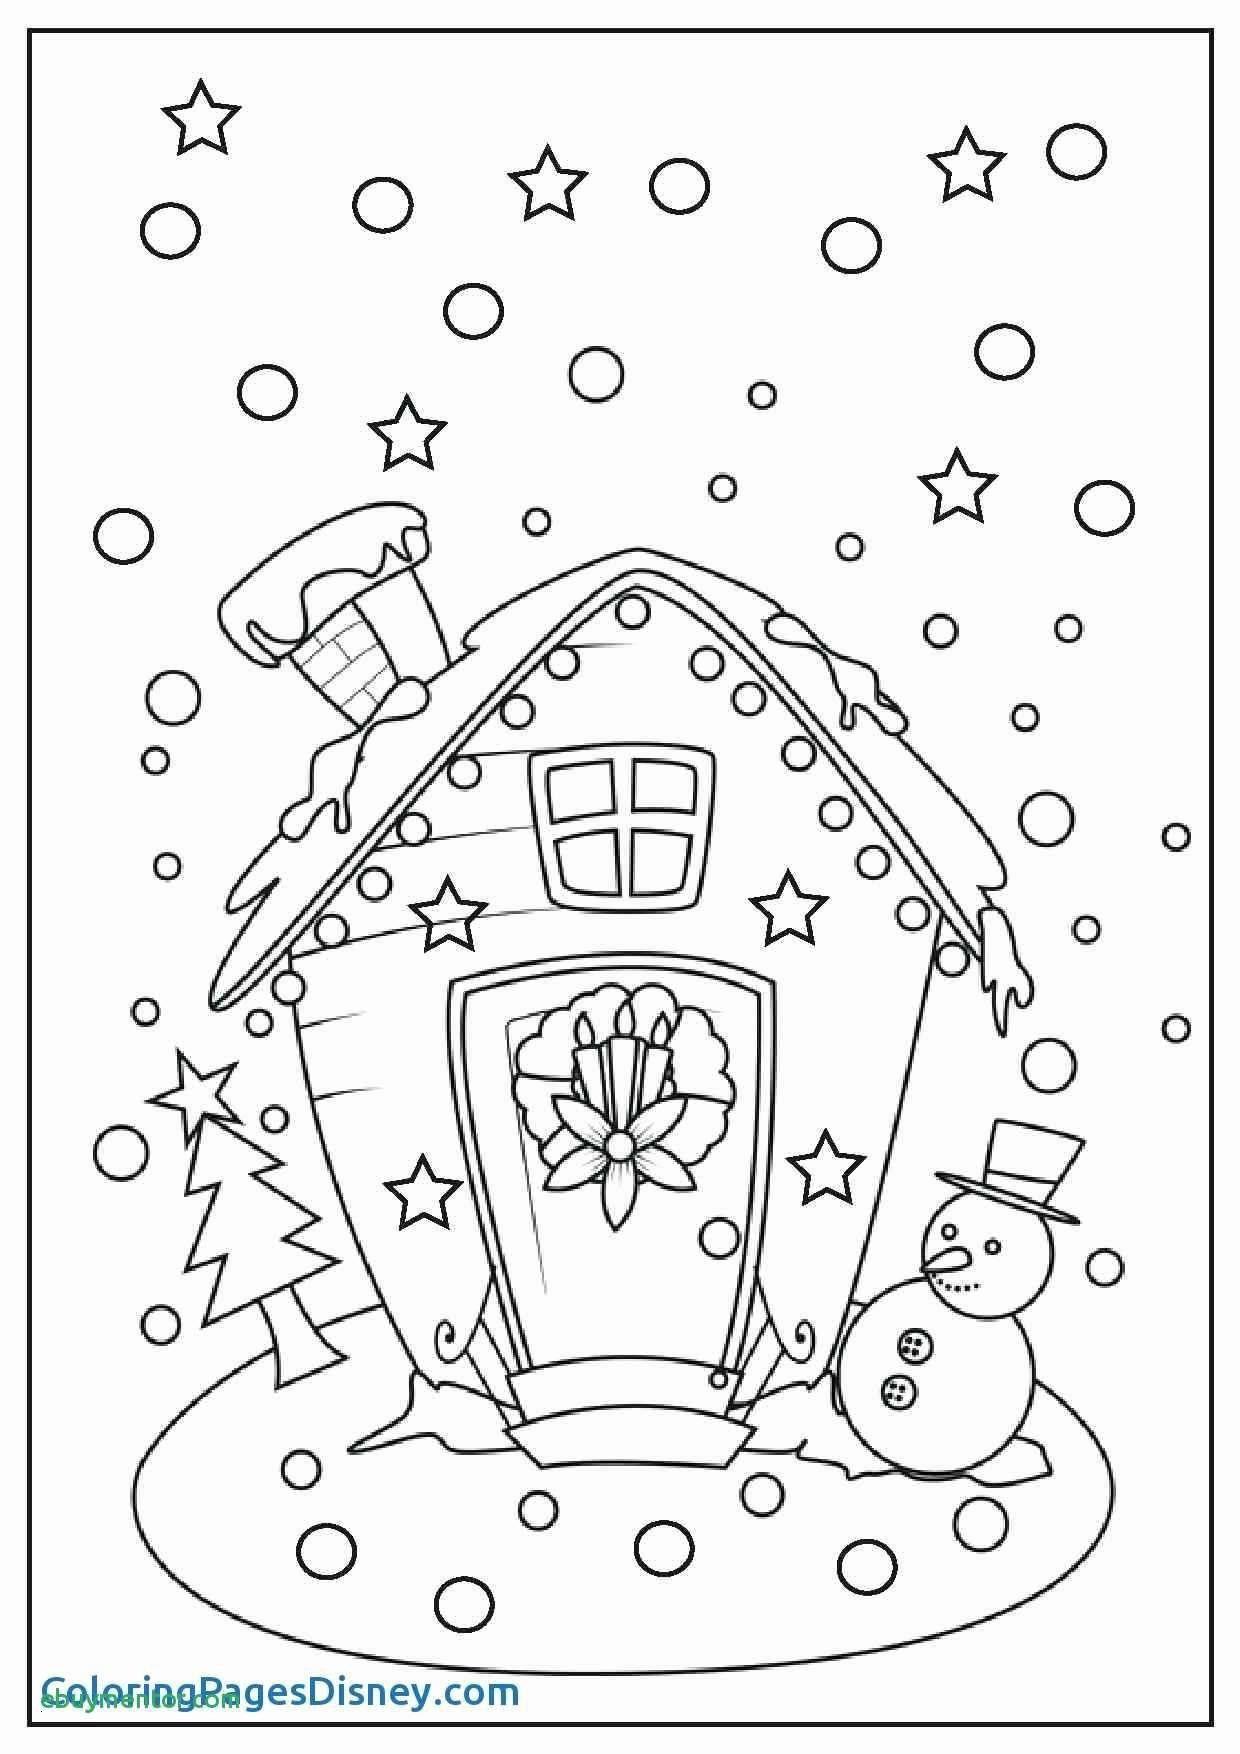 Ausmalbilder Hasen Zum Ausdrucken Inspirierend Hasen Bilder Kostenlos Fotos Designs Ausm Weihnachten Zum Ausmalen Herbst Ausmalvorlagen Kostenlose Ausmalbilder